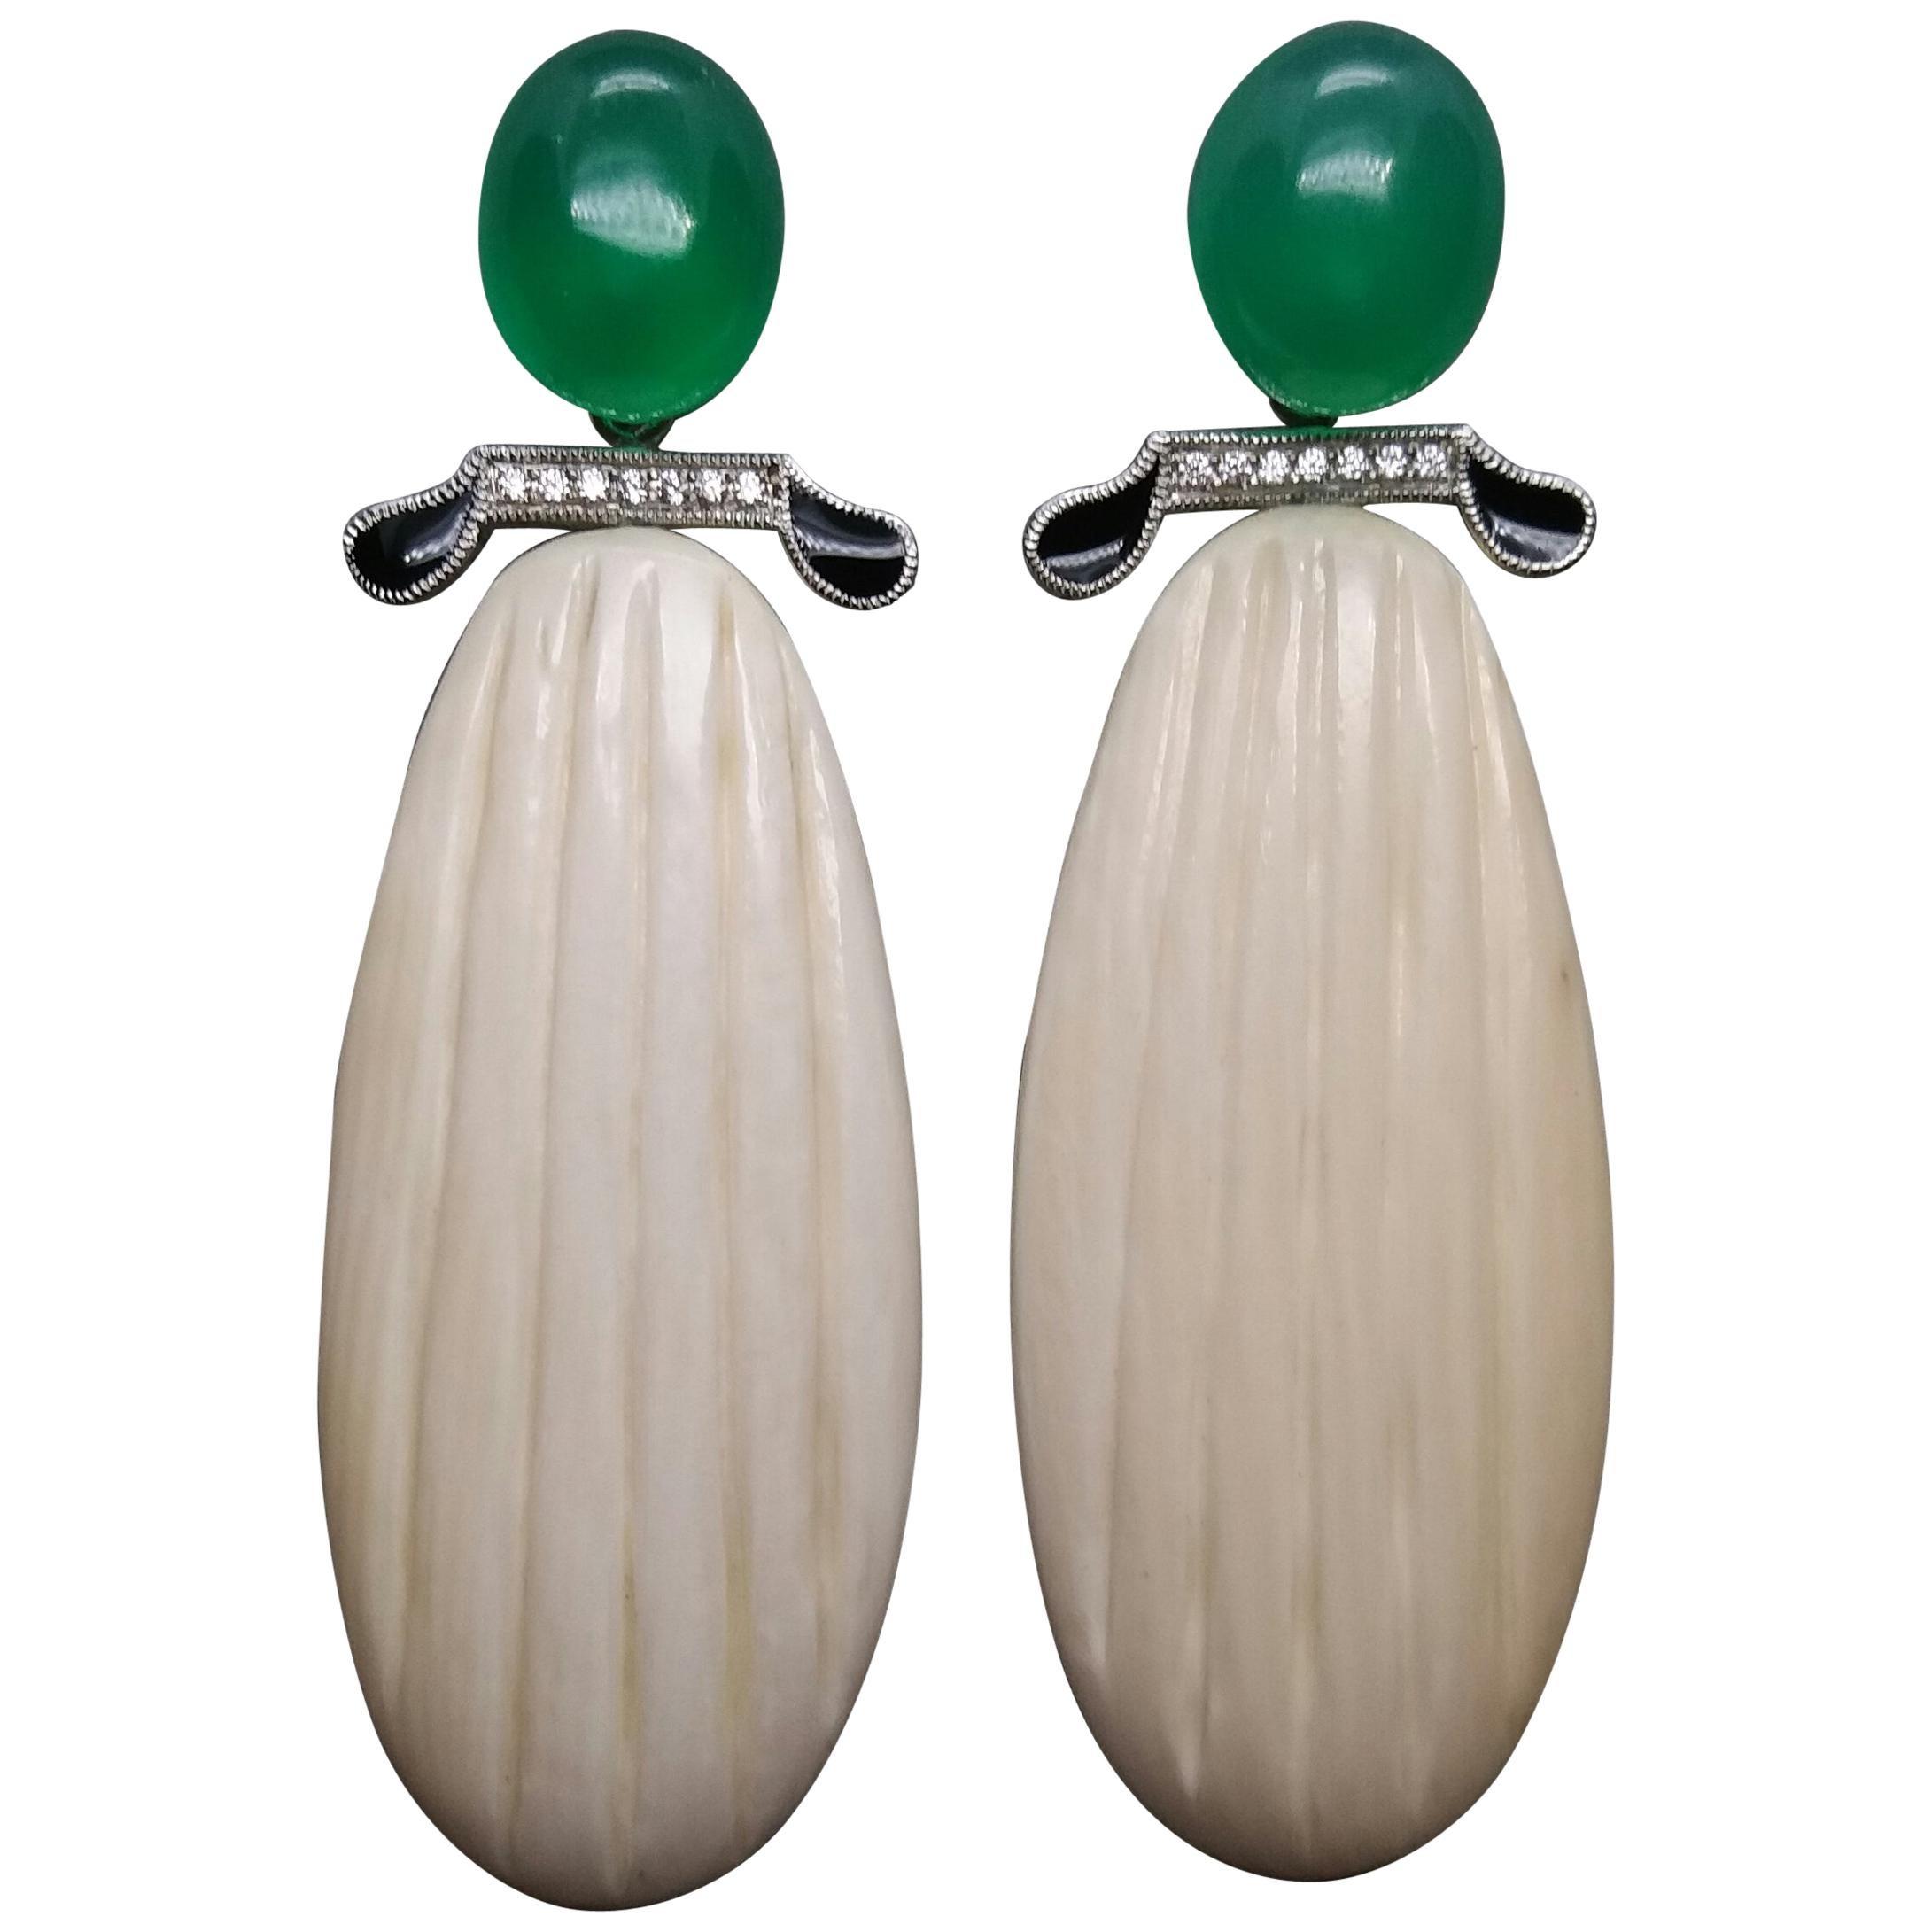 Art Deco Style Onyx Cabs Gold Diamonds Black Enamel Mammoth Bone Drops Earrings